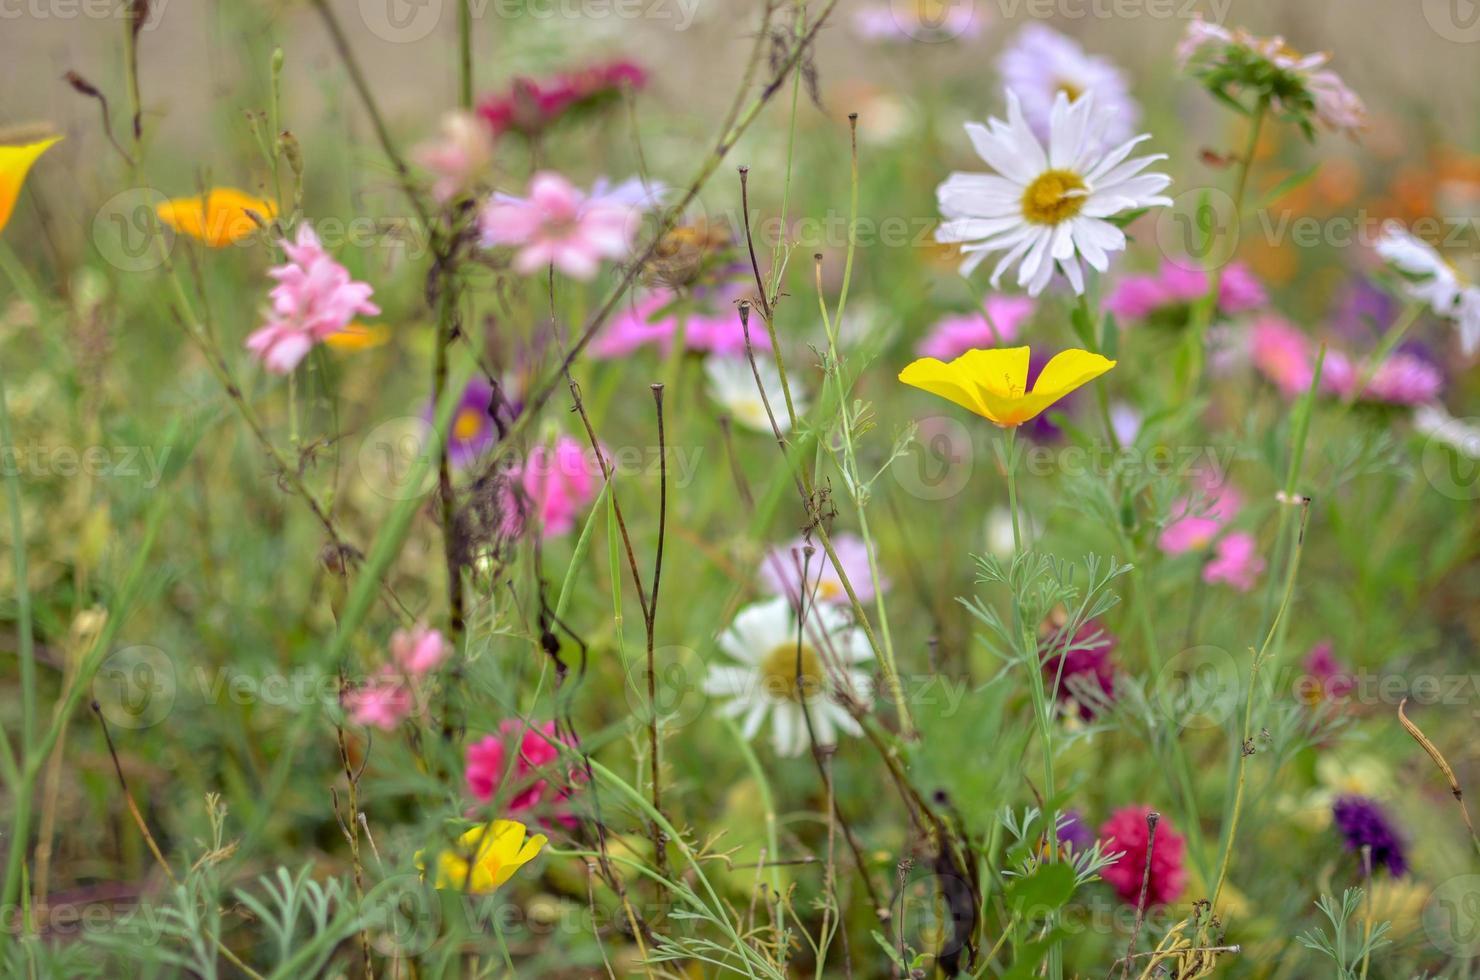 Feld der Kosmosblume, Wiese mit Aster, Kamille, Esholtzia foto